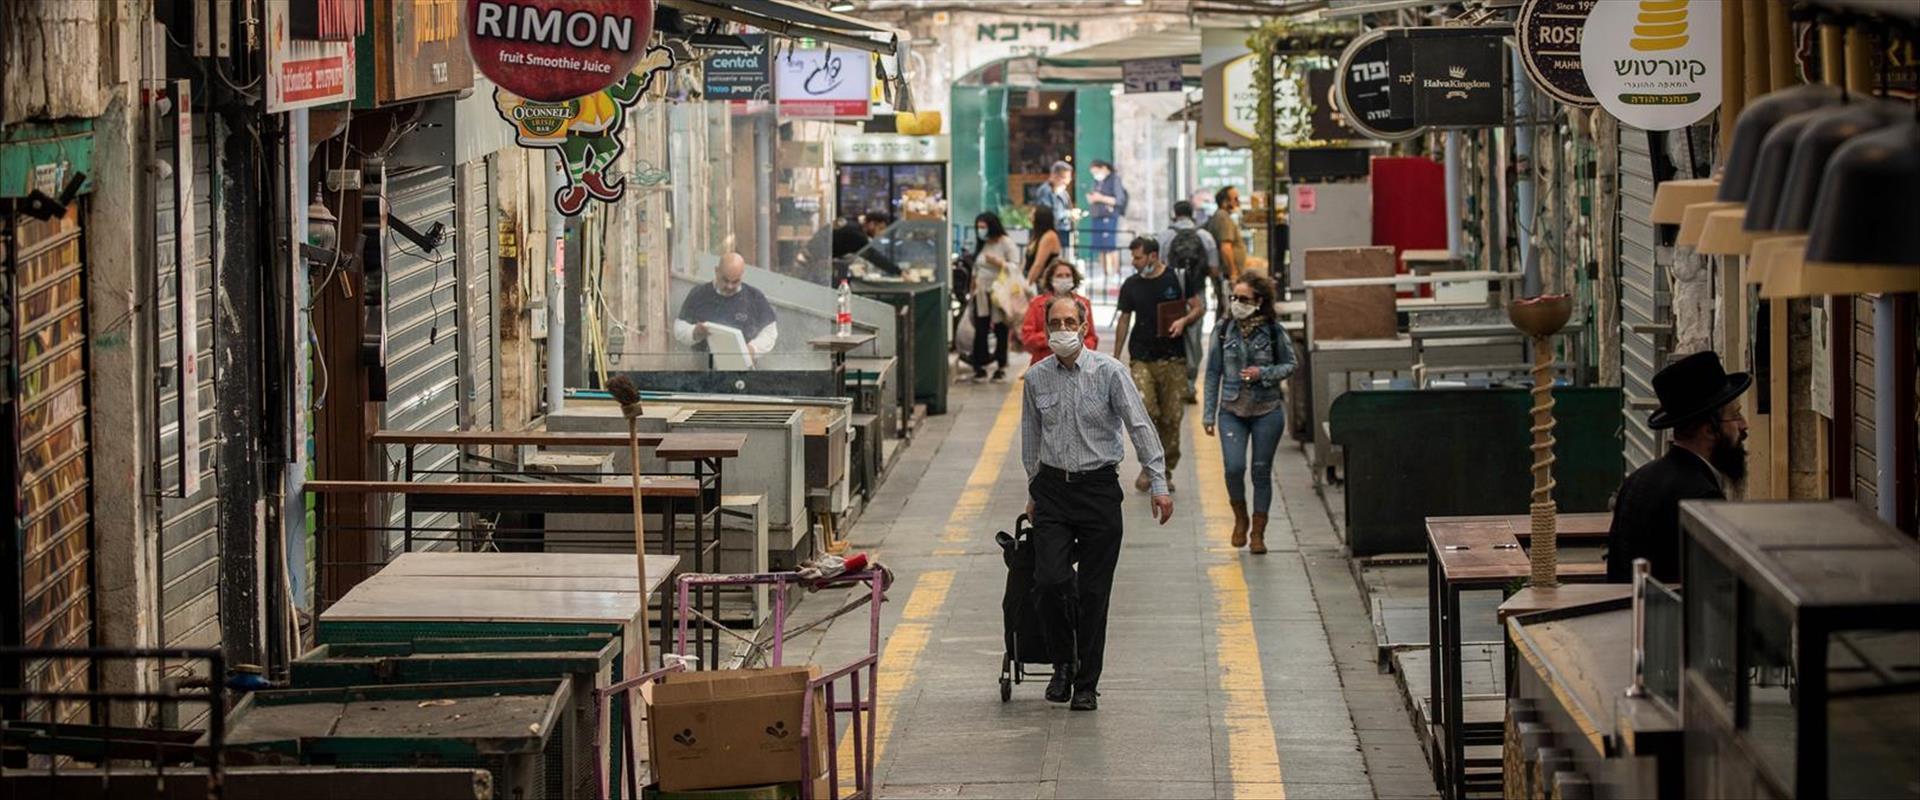 עסקים סגורים בשוק מחנה יהודה בירושלים